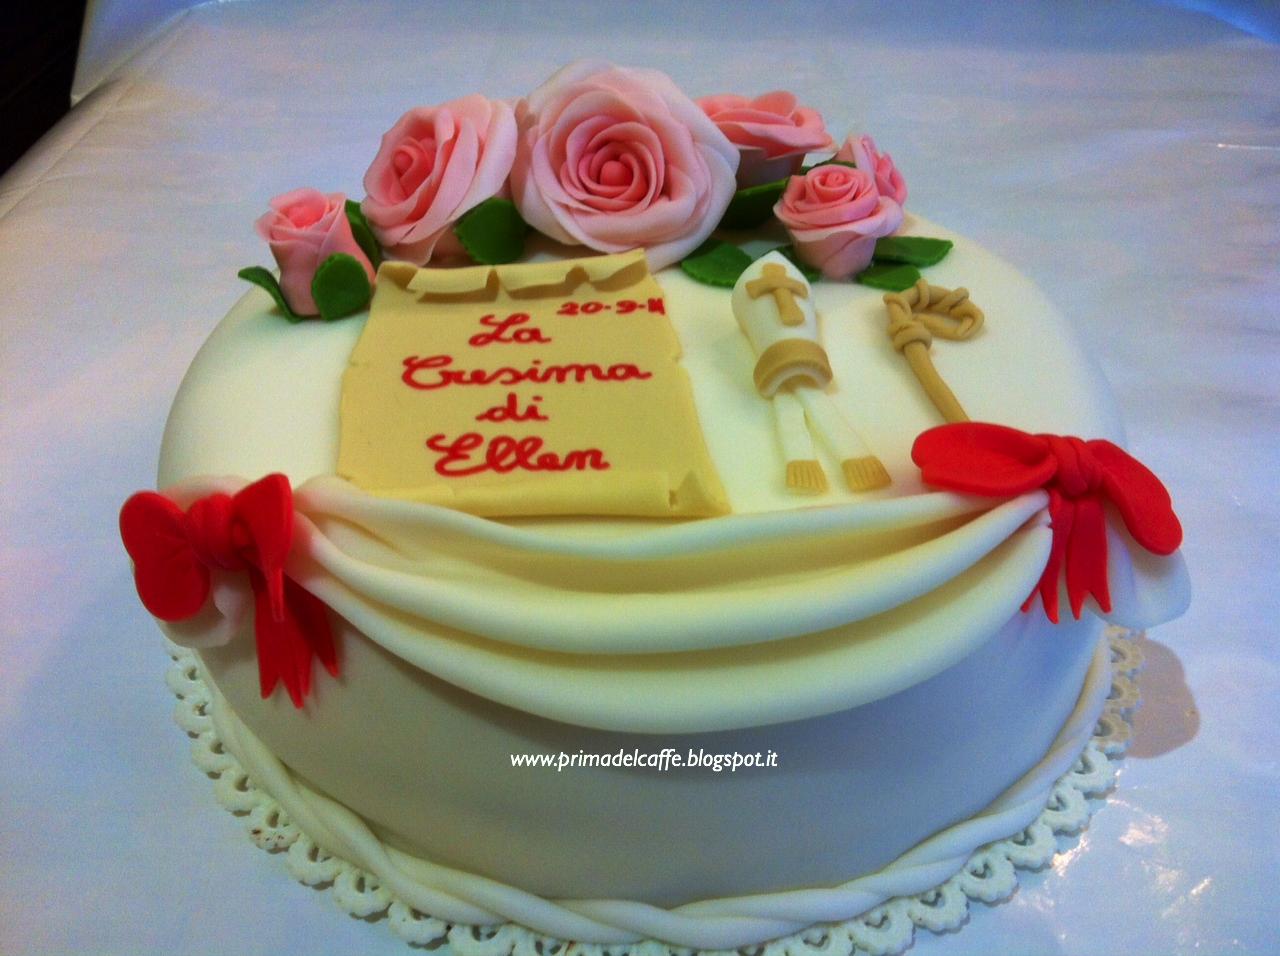 Prima del caff soddisfazioni in cucina torta in pdz per la cresima tutorial per le decora - Decorazioni per cresima ...